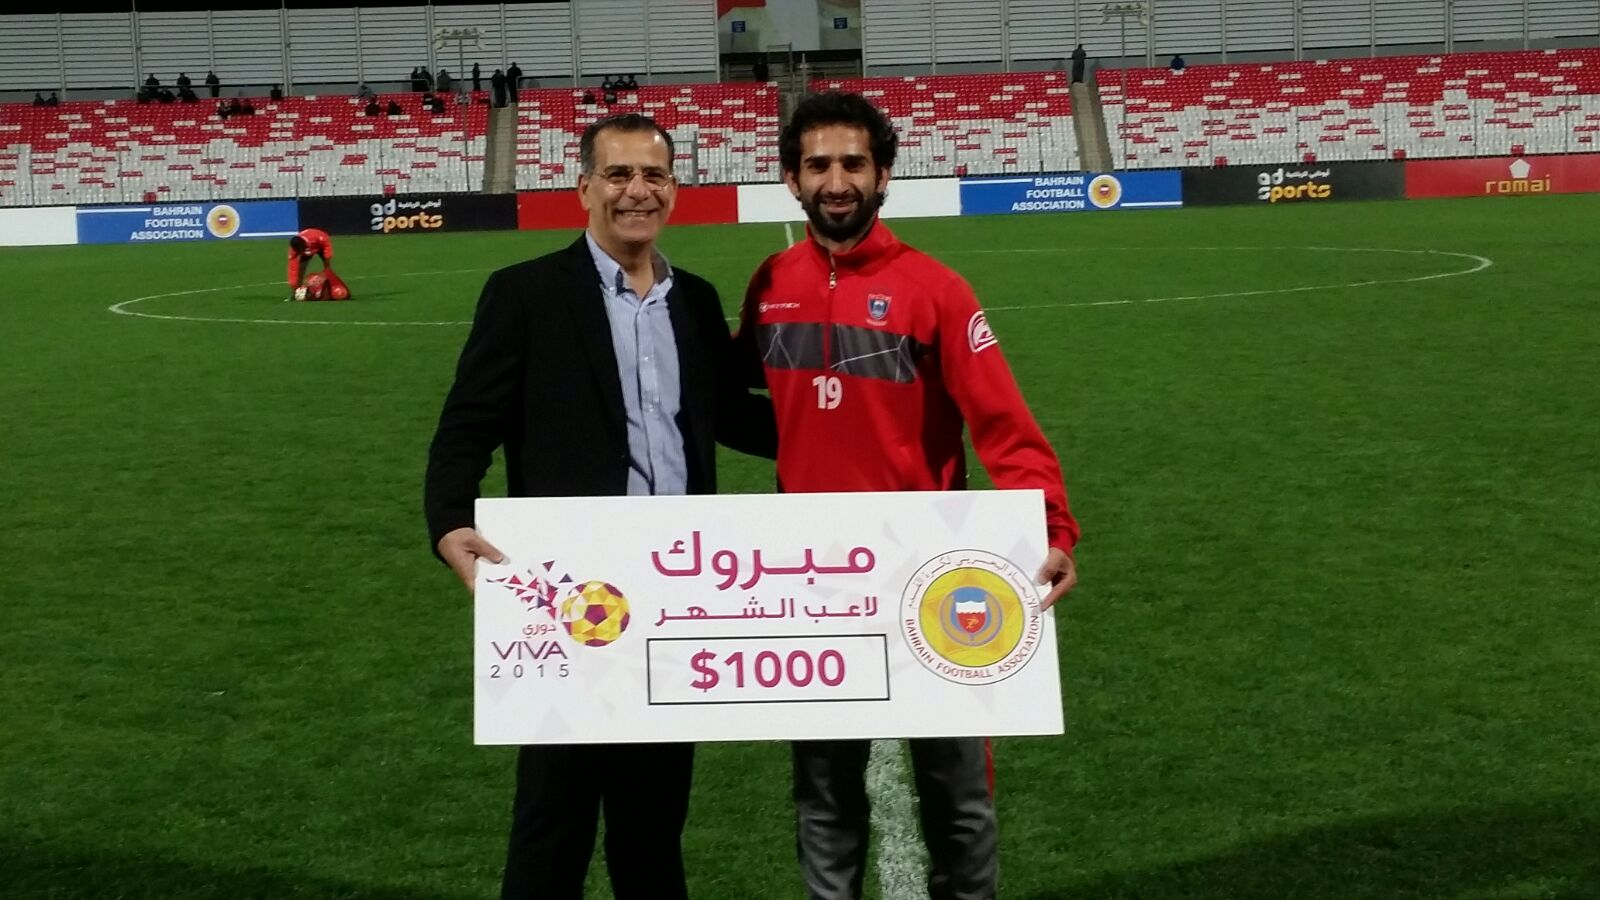 تكريم محمود عبدالرحمن بجائزة أفضل لاعب في ثاني خمس جولات